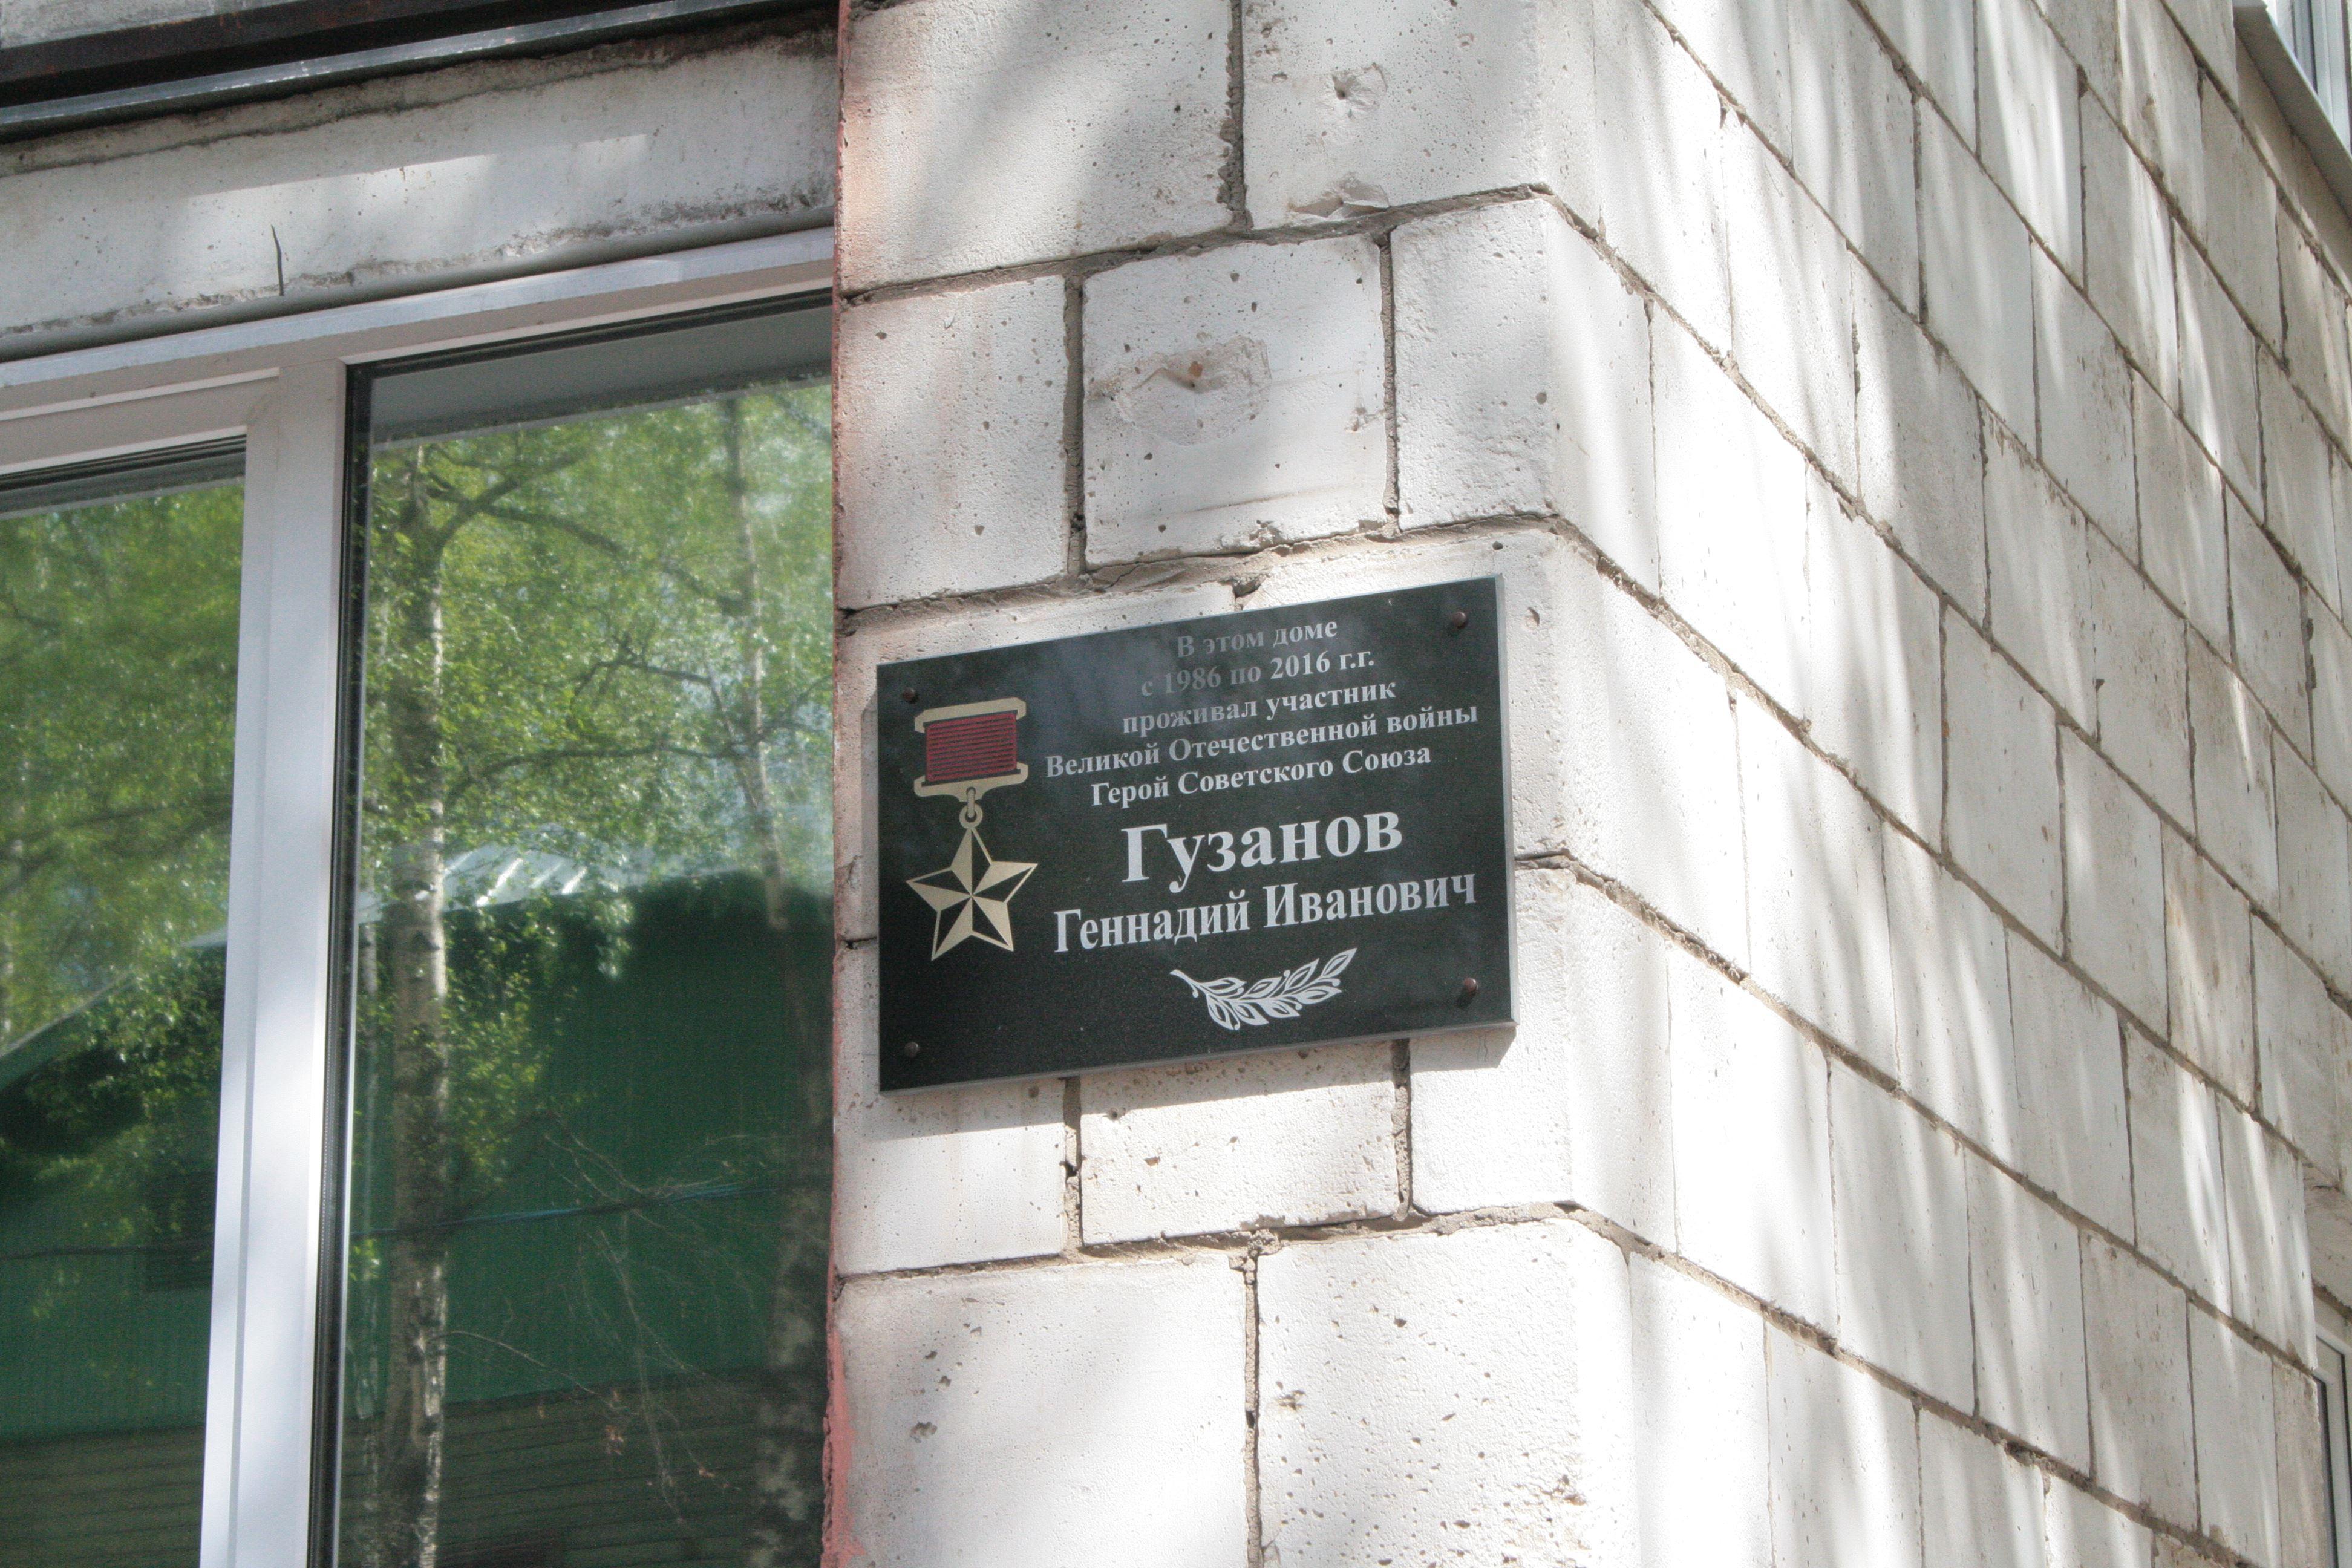 Кто живёт знаменитый на улице ветеранов п. зебляки